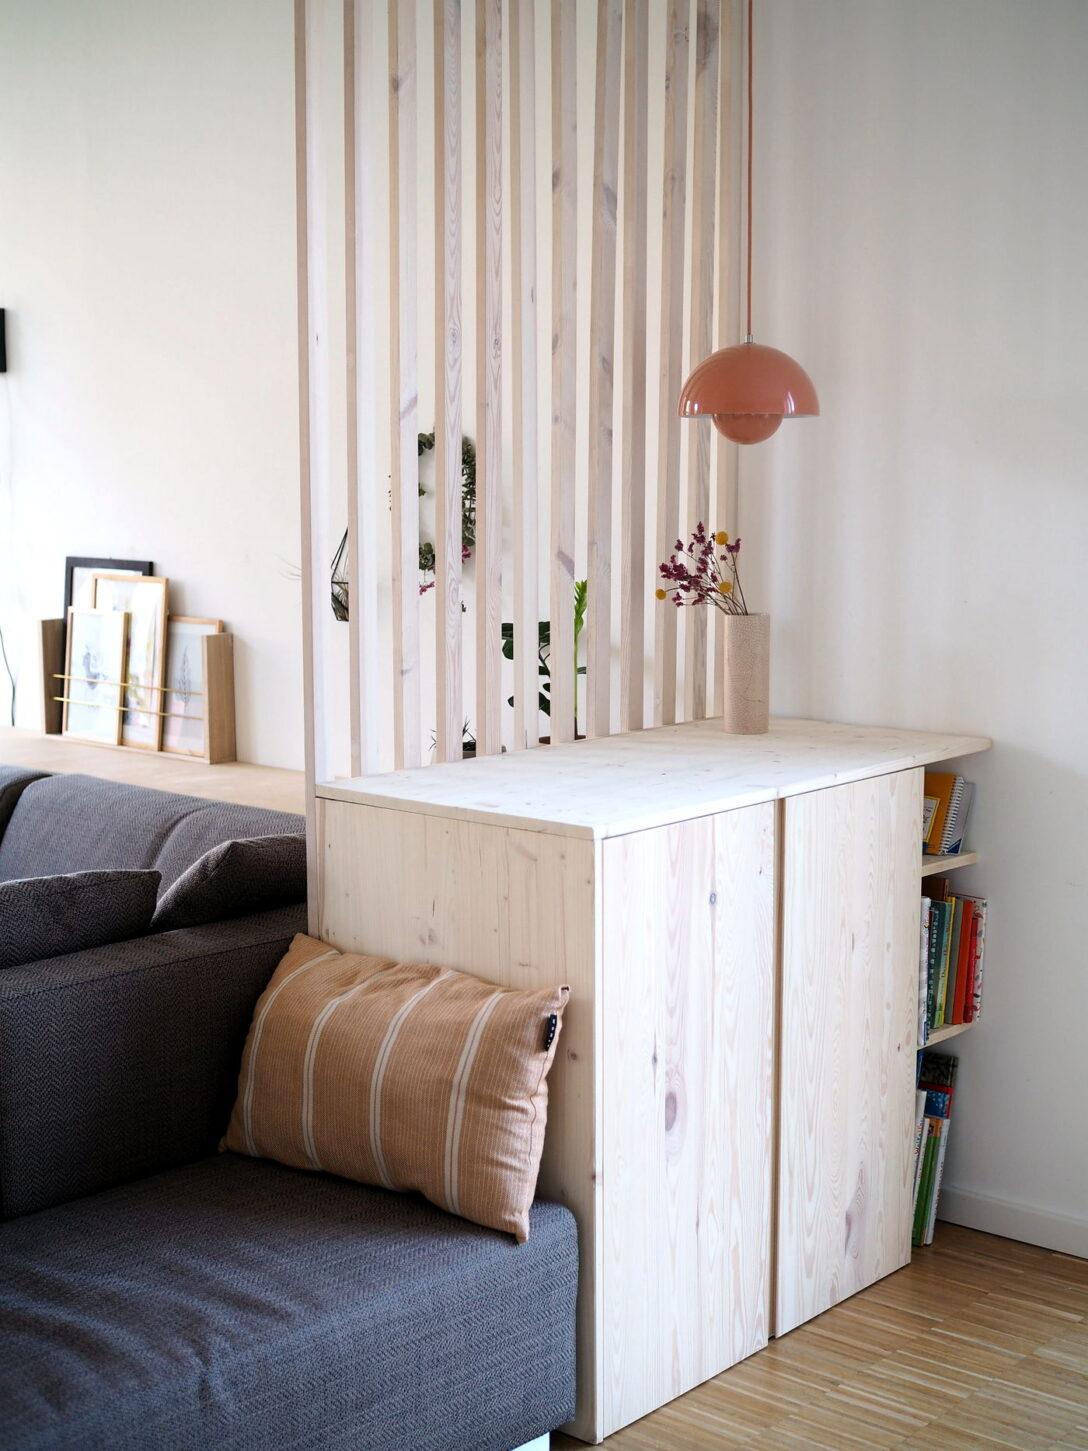 Large Size of Trennwand Ikea Paravent Garten Wetterfest Ideen Fr Raumteiler Und Küche Kosten Kaufen Modulküche Miniküche Sofa Mit Schlaffunktion Betten Bei 160x200 Wohnzimmer Trennwand Ikea